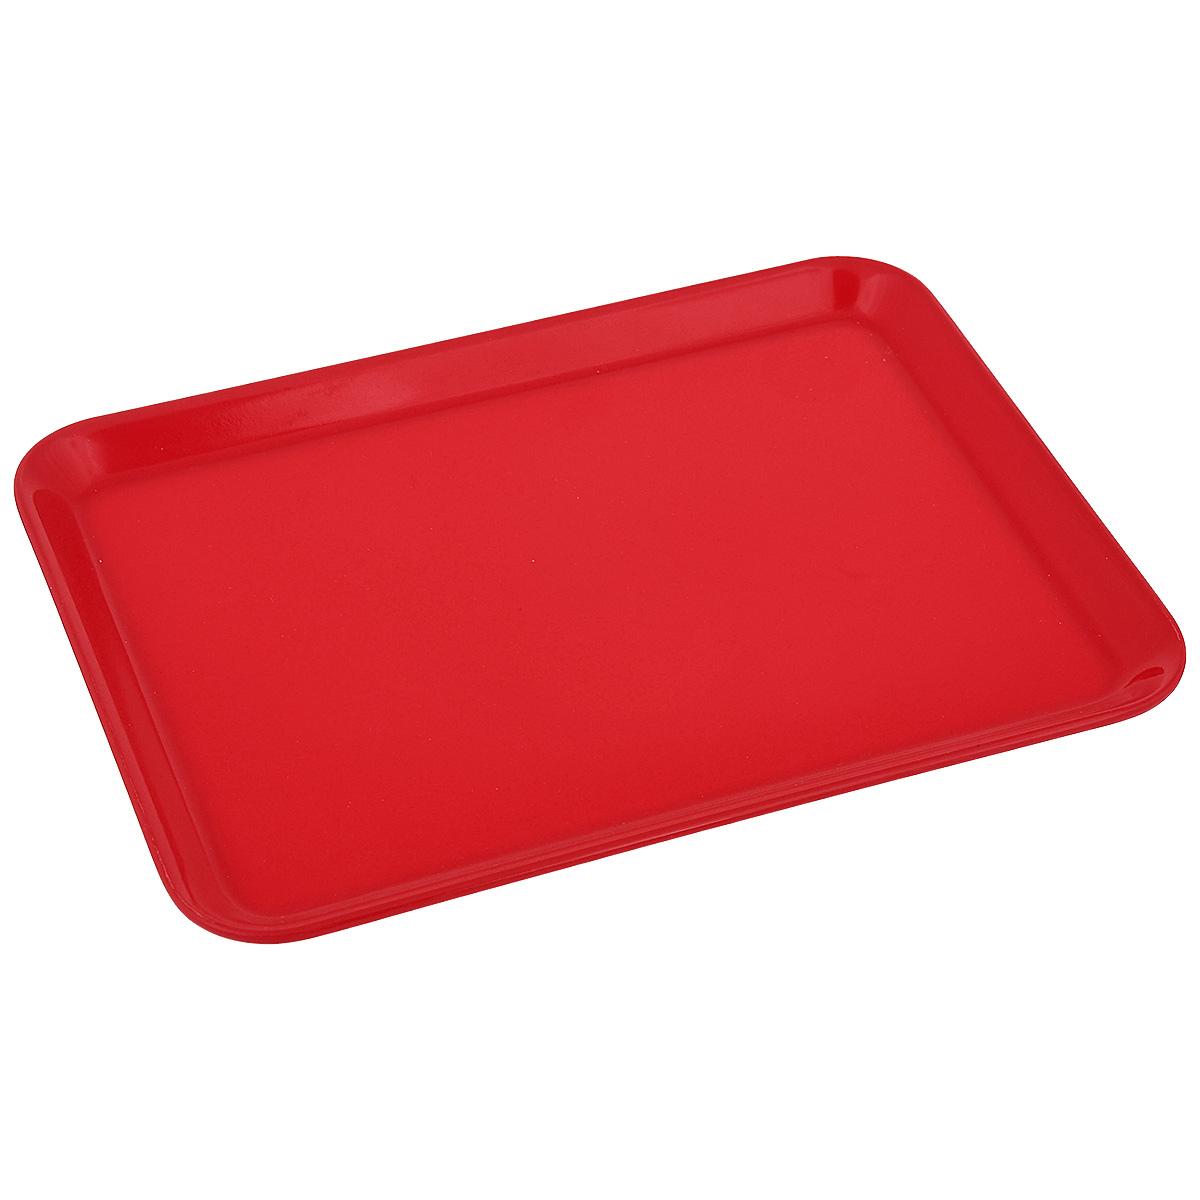 """Оригинальный поднос """"Zeller"""", изготовленный из пластика, станет незаменимым предметом для  сервировки стола. Поднос не только дополнит интерьер вашей кухни, но и предохранит  поверхность стола от грязи и перегрева.  Яркий и стильный поднос """"Zeller"""" придется по вкусу и ценителям классики, и тем, кто  предпочитает современный стиль."""